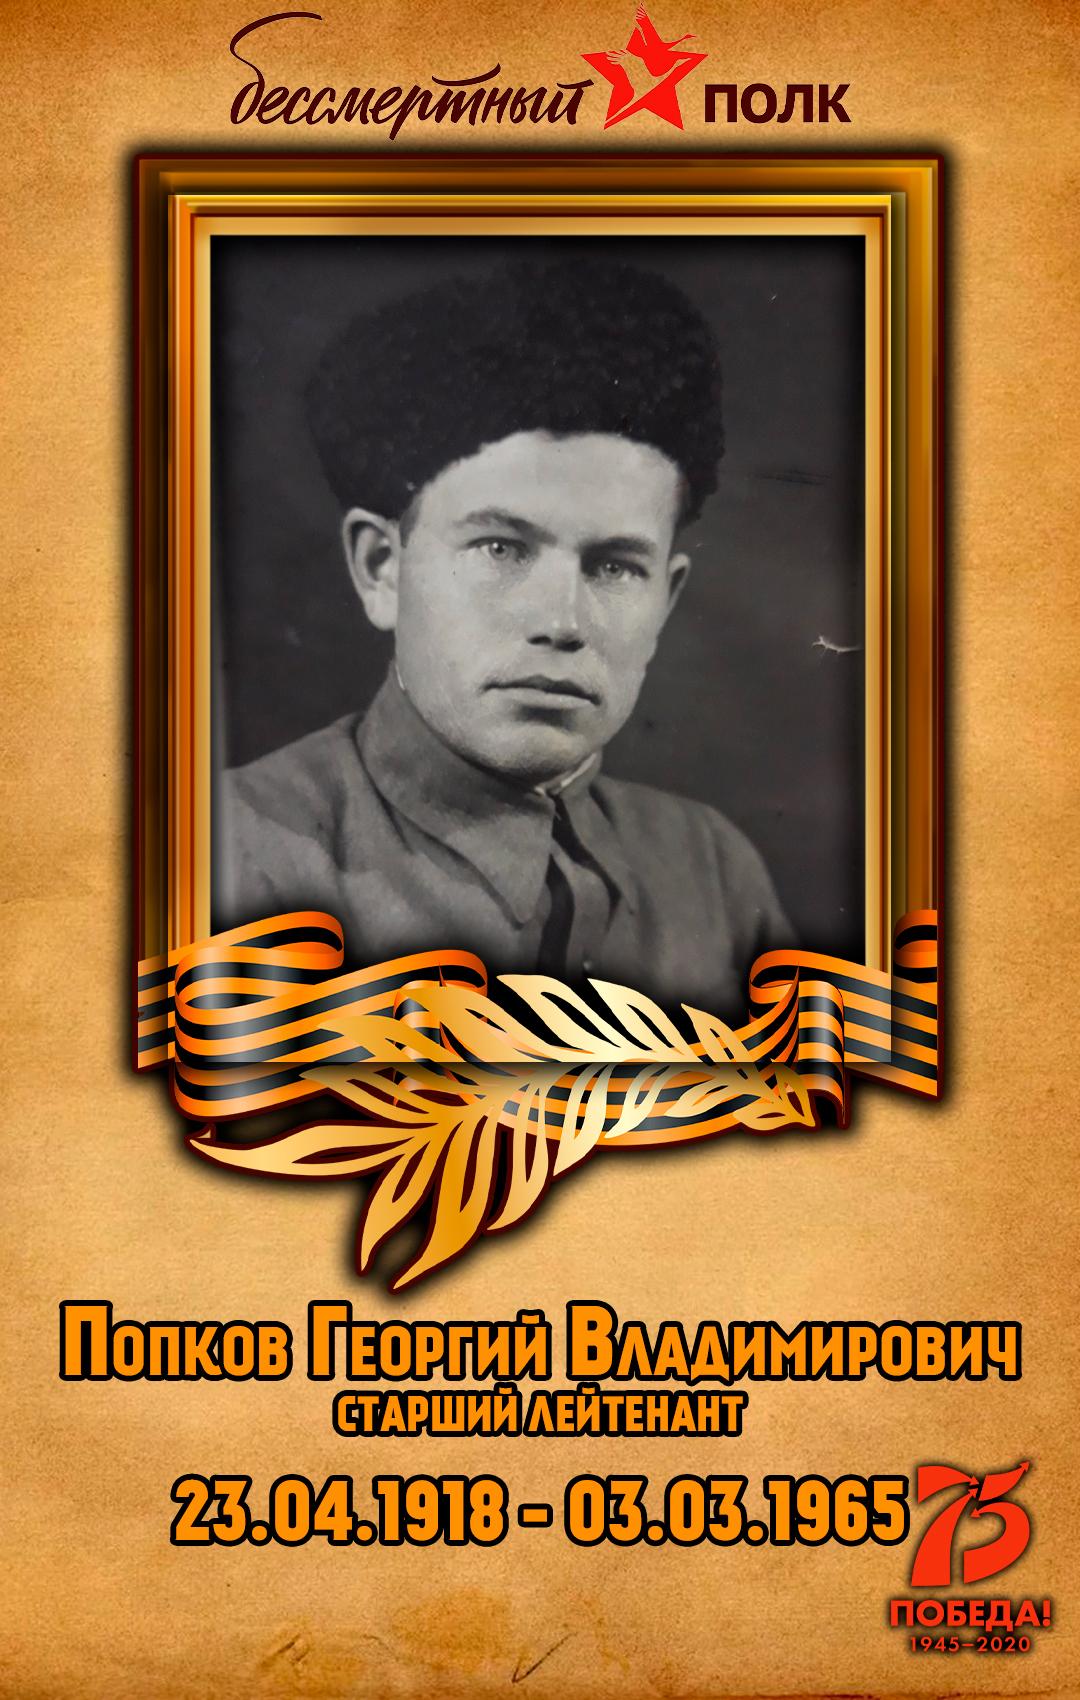 Попков-Георгий-Владимирович